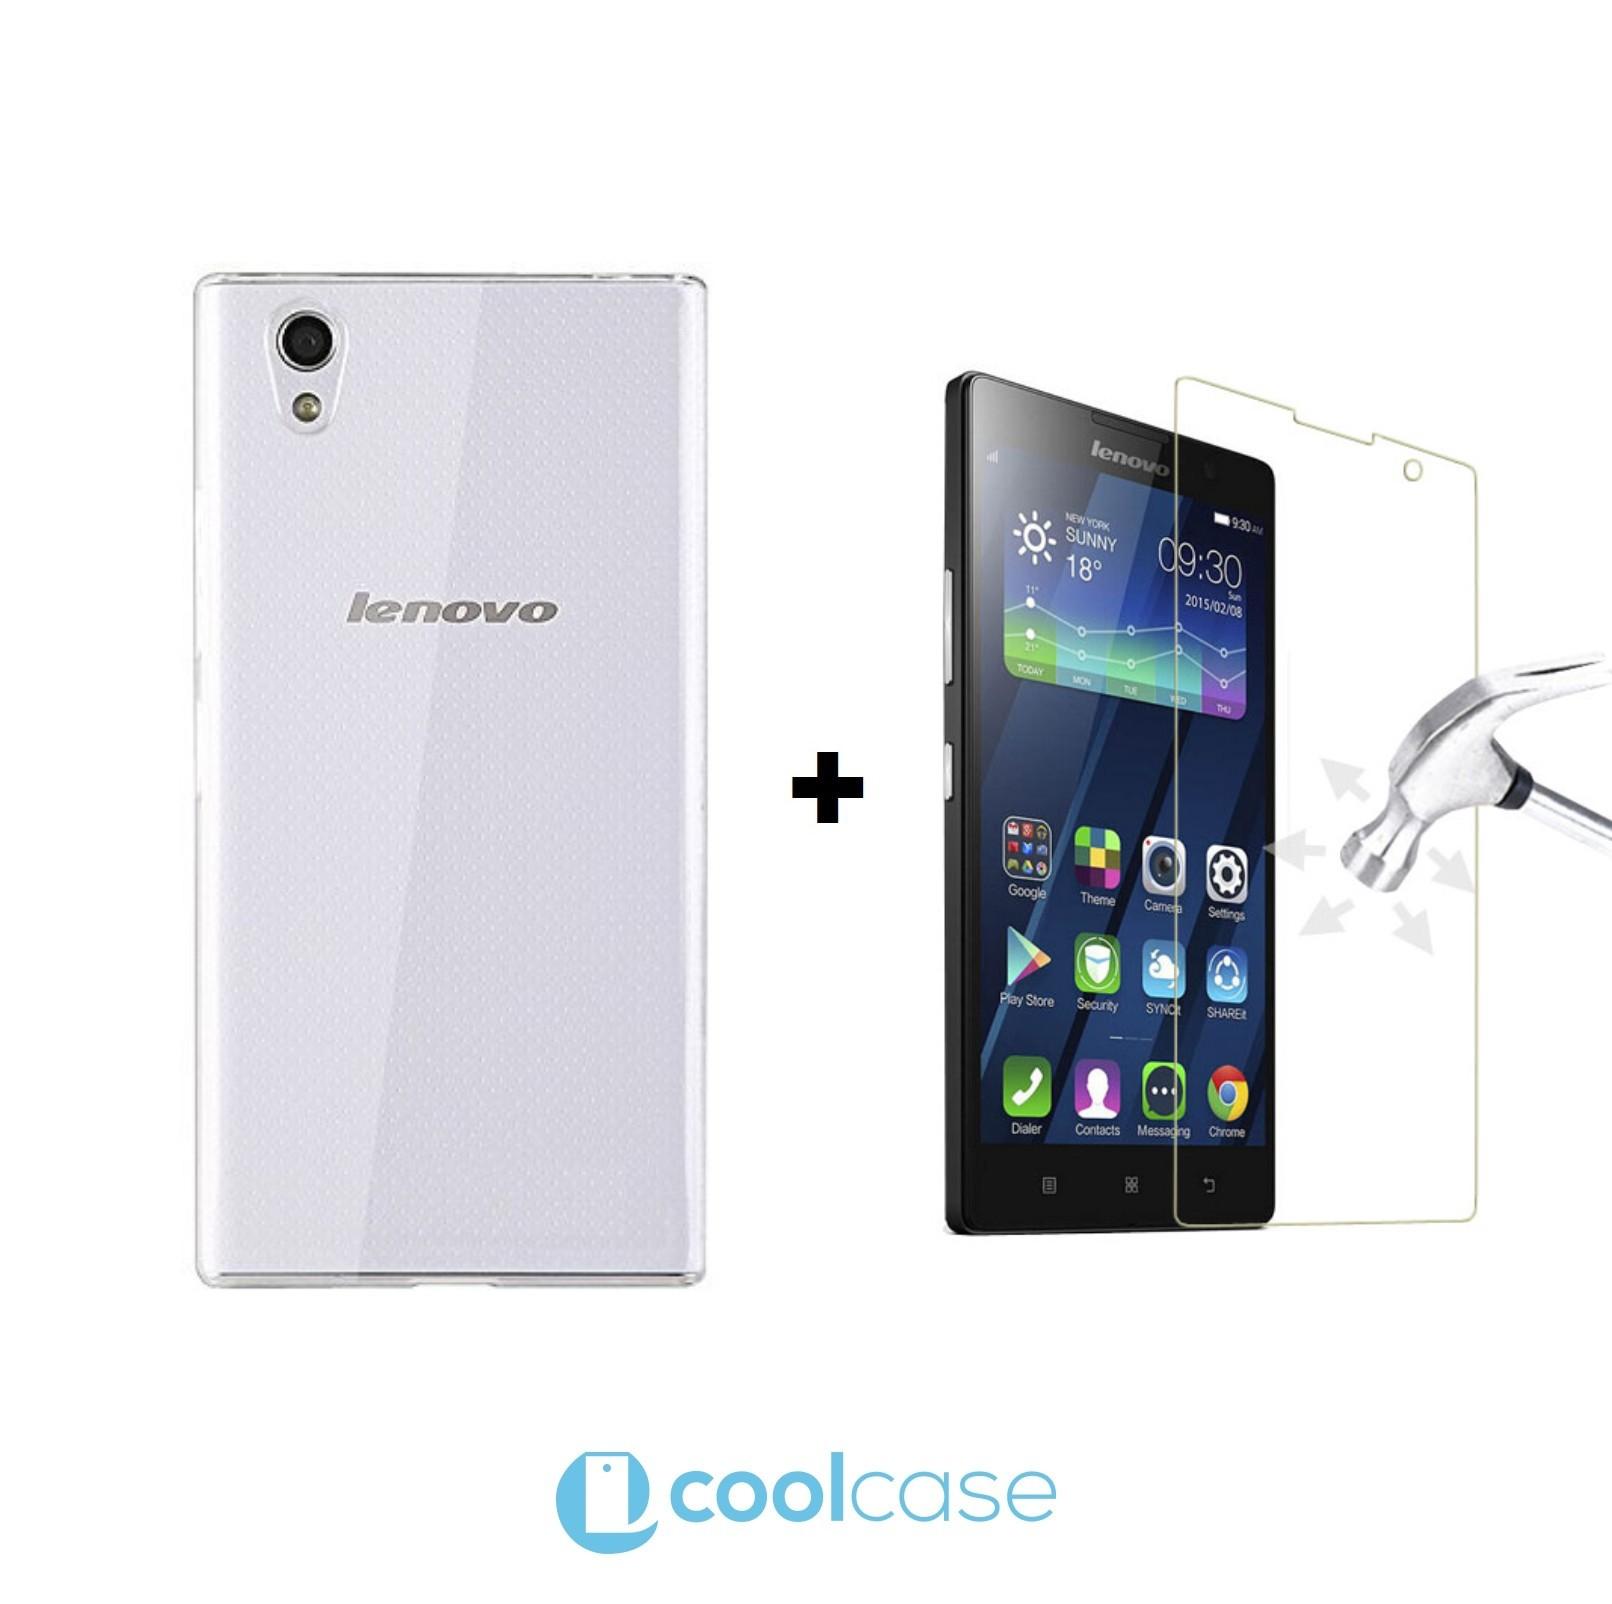 Kompletní ochrana mobilu Lenovo P70 - silikonové pouzdro + ochranné sklo (Kompletní ochrana mobilního telefonu Lenovo P70 - tvrzené ochranné sklo a čiré silikonové pouzdro)